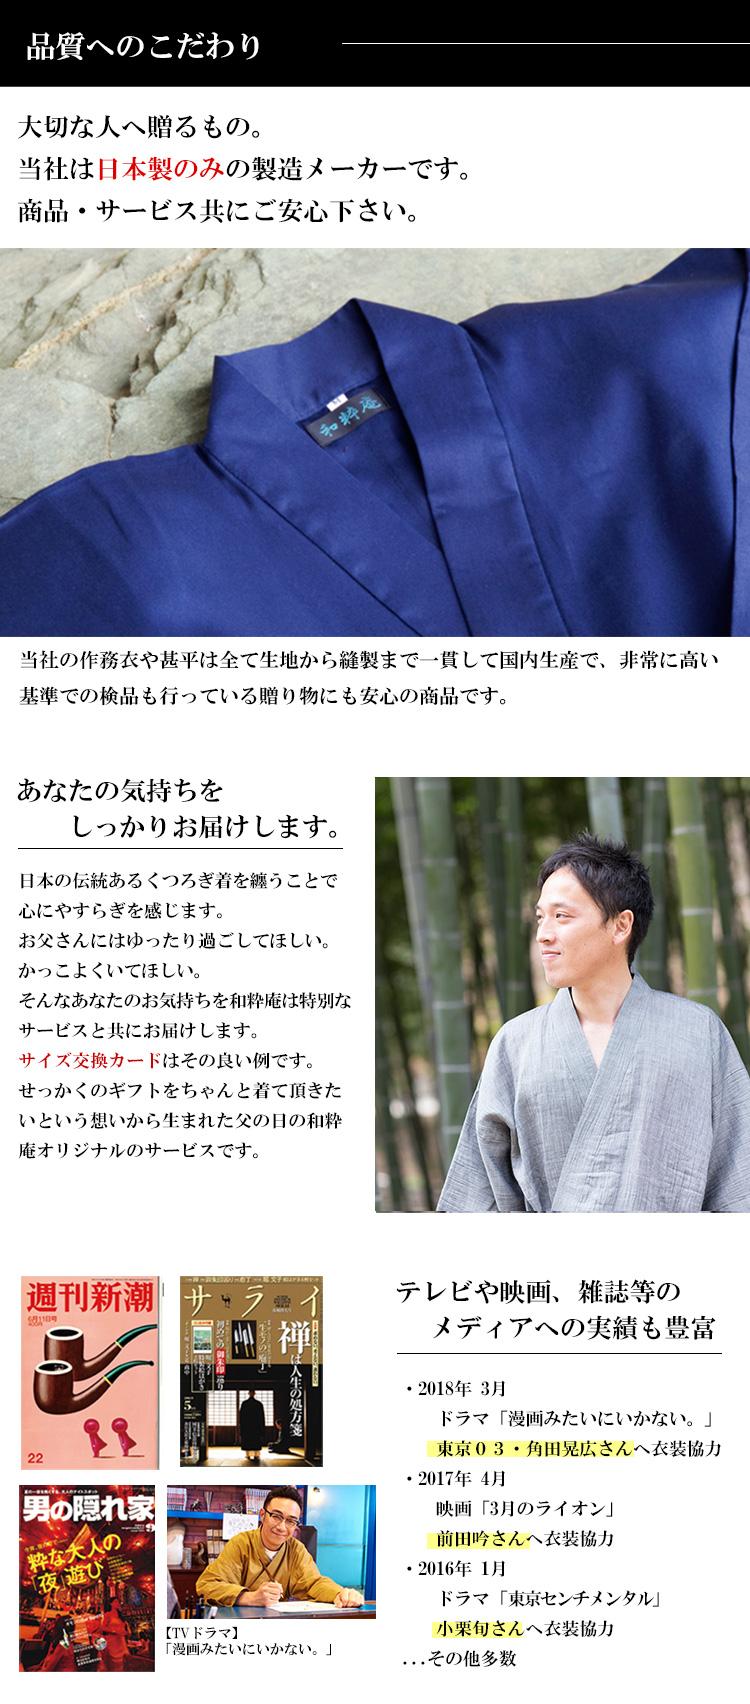 品質へこだわる日本製の作務衣と甚平